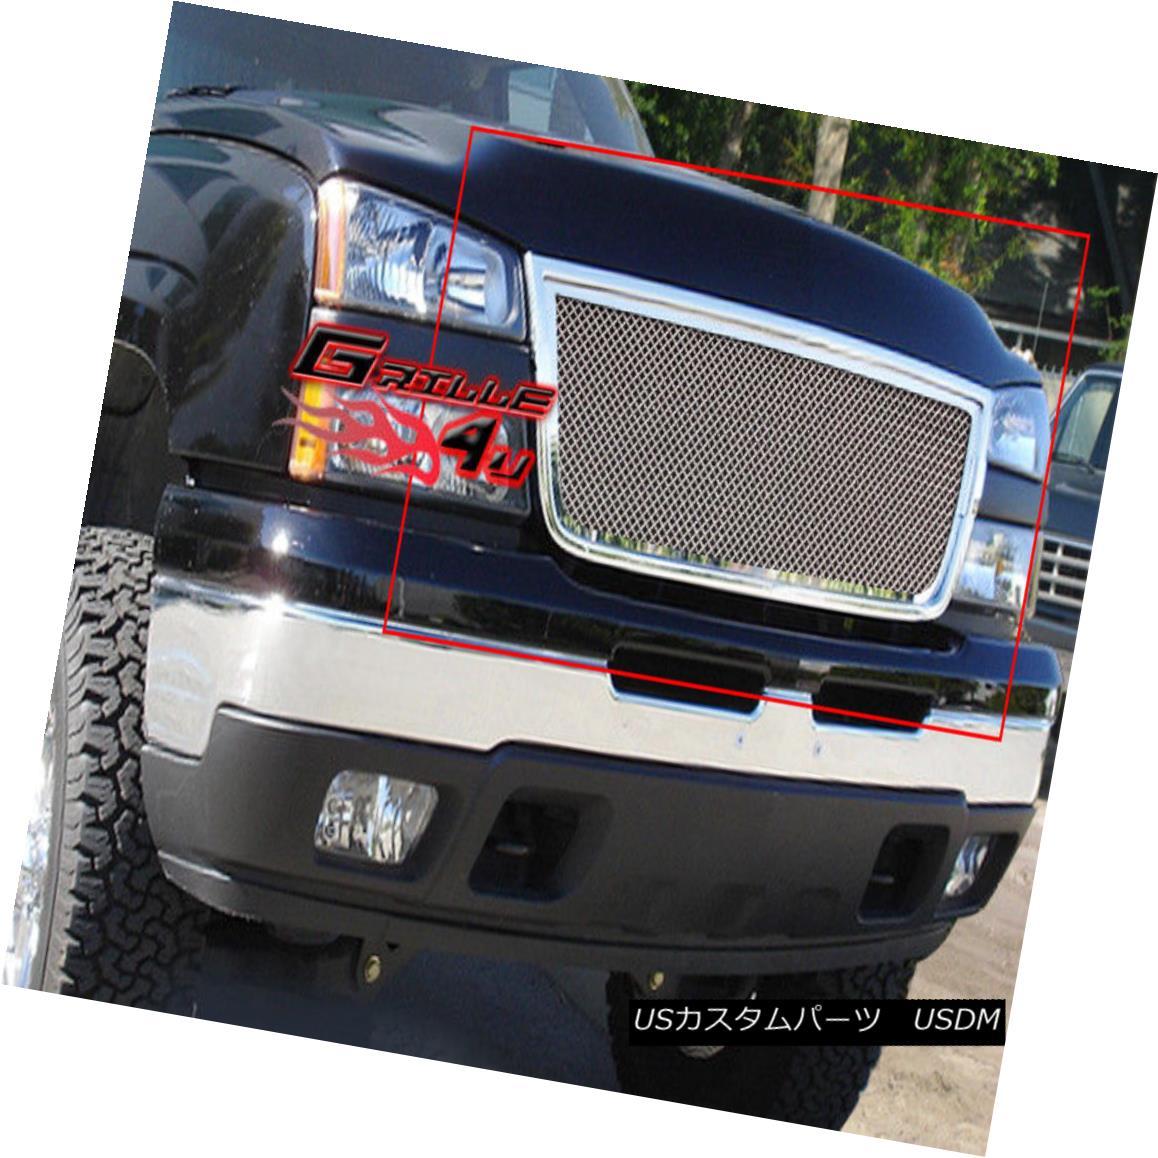 グリル Fits 05-06 Chevy Silverado 2500/3500 Stainless Mesh Grille フィット05-06 Chevy Silverado 2500/3500ステンレスメッシュグリル